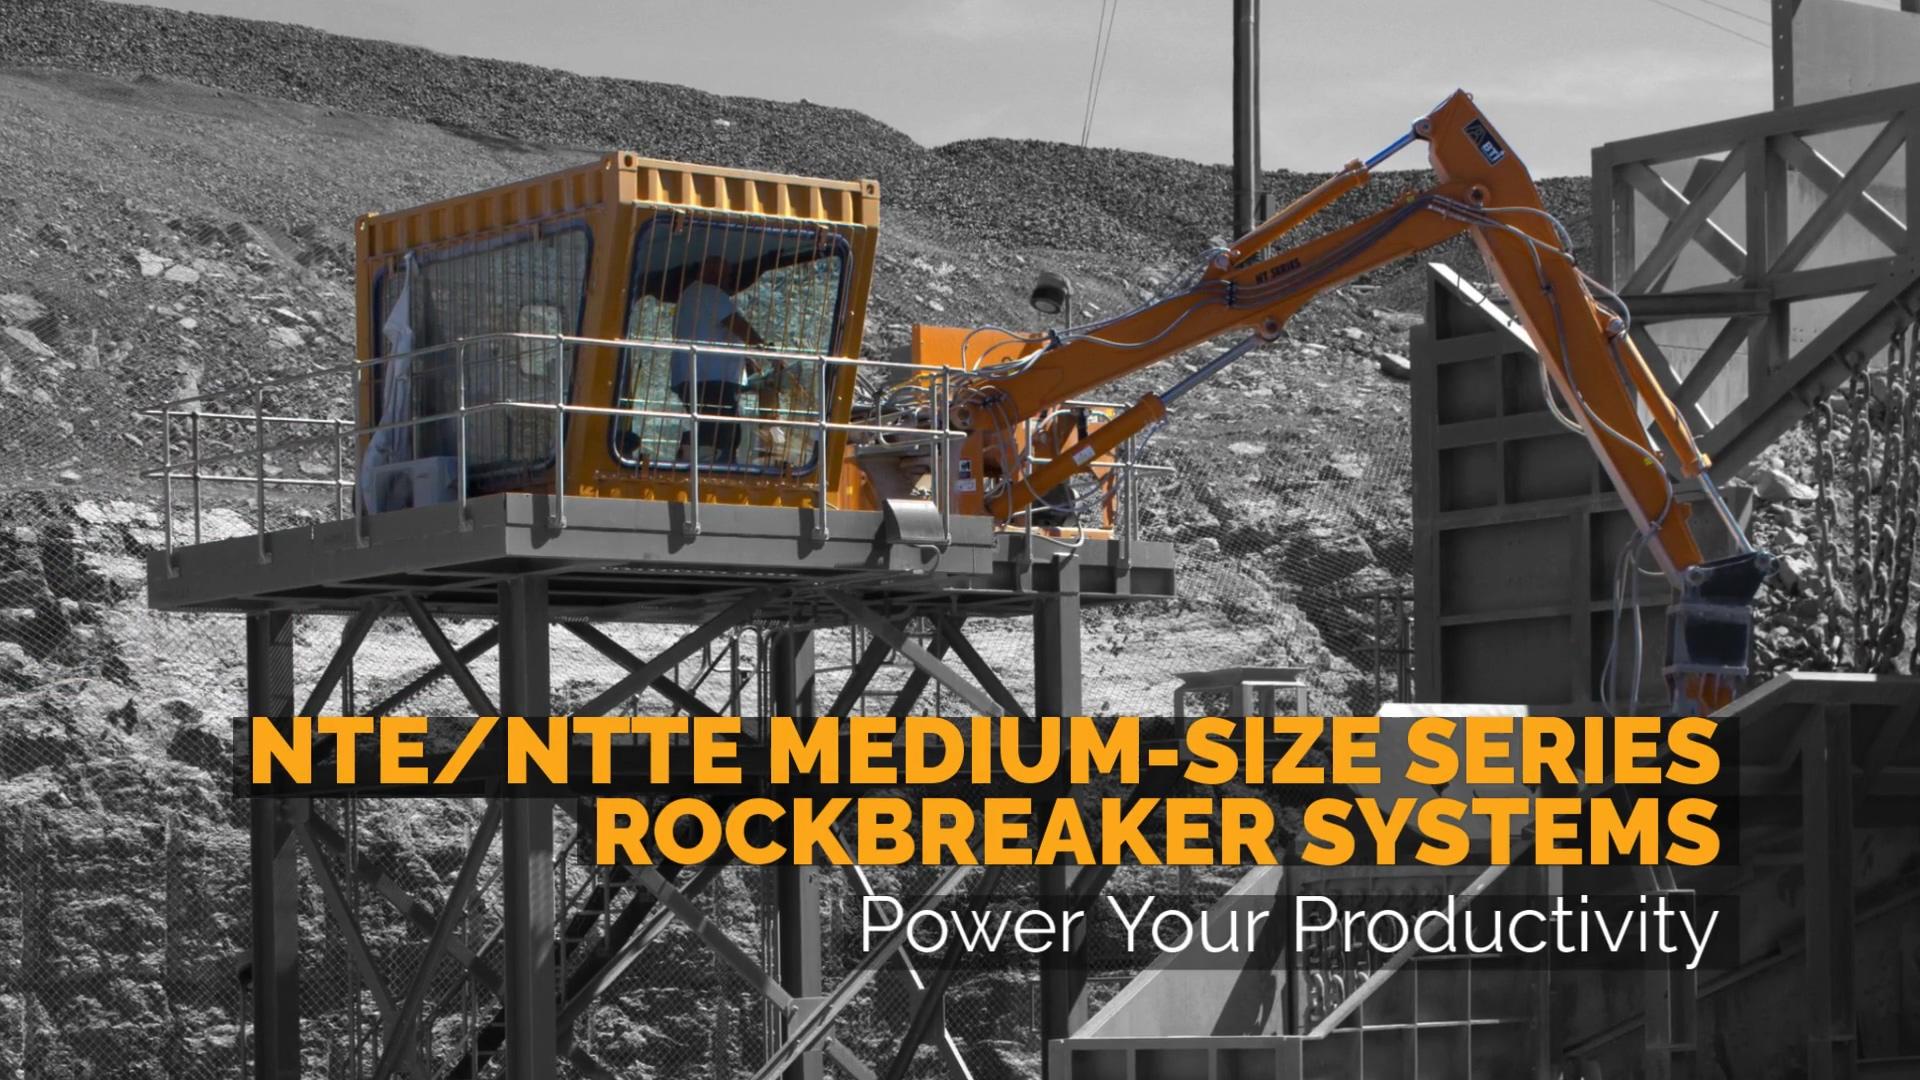 Breaker_Technology__NTENTTE_Mid-Size_Series_Rockbreaker_System_1080p